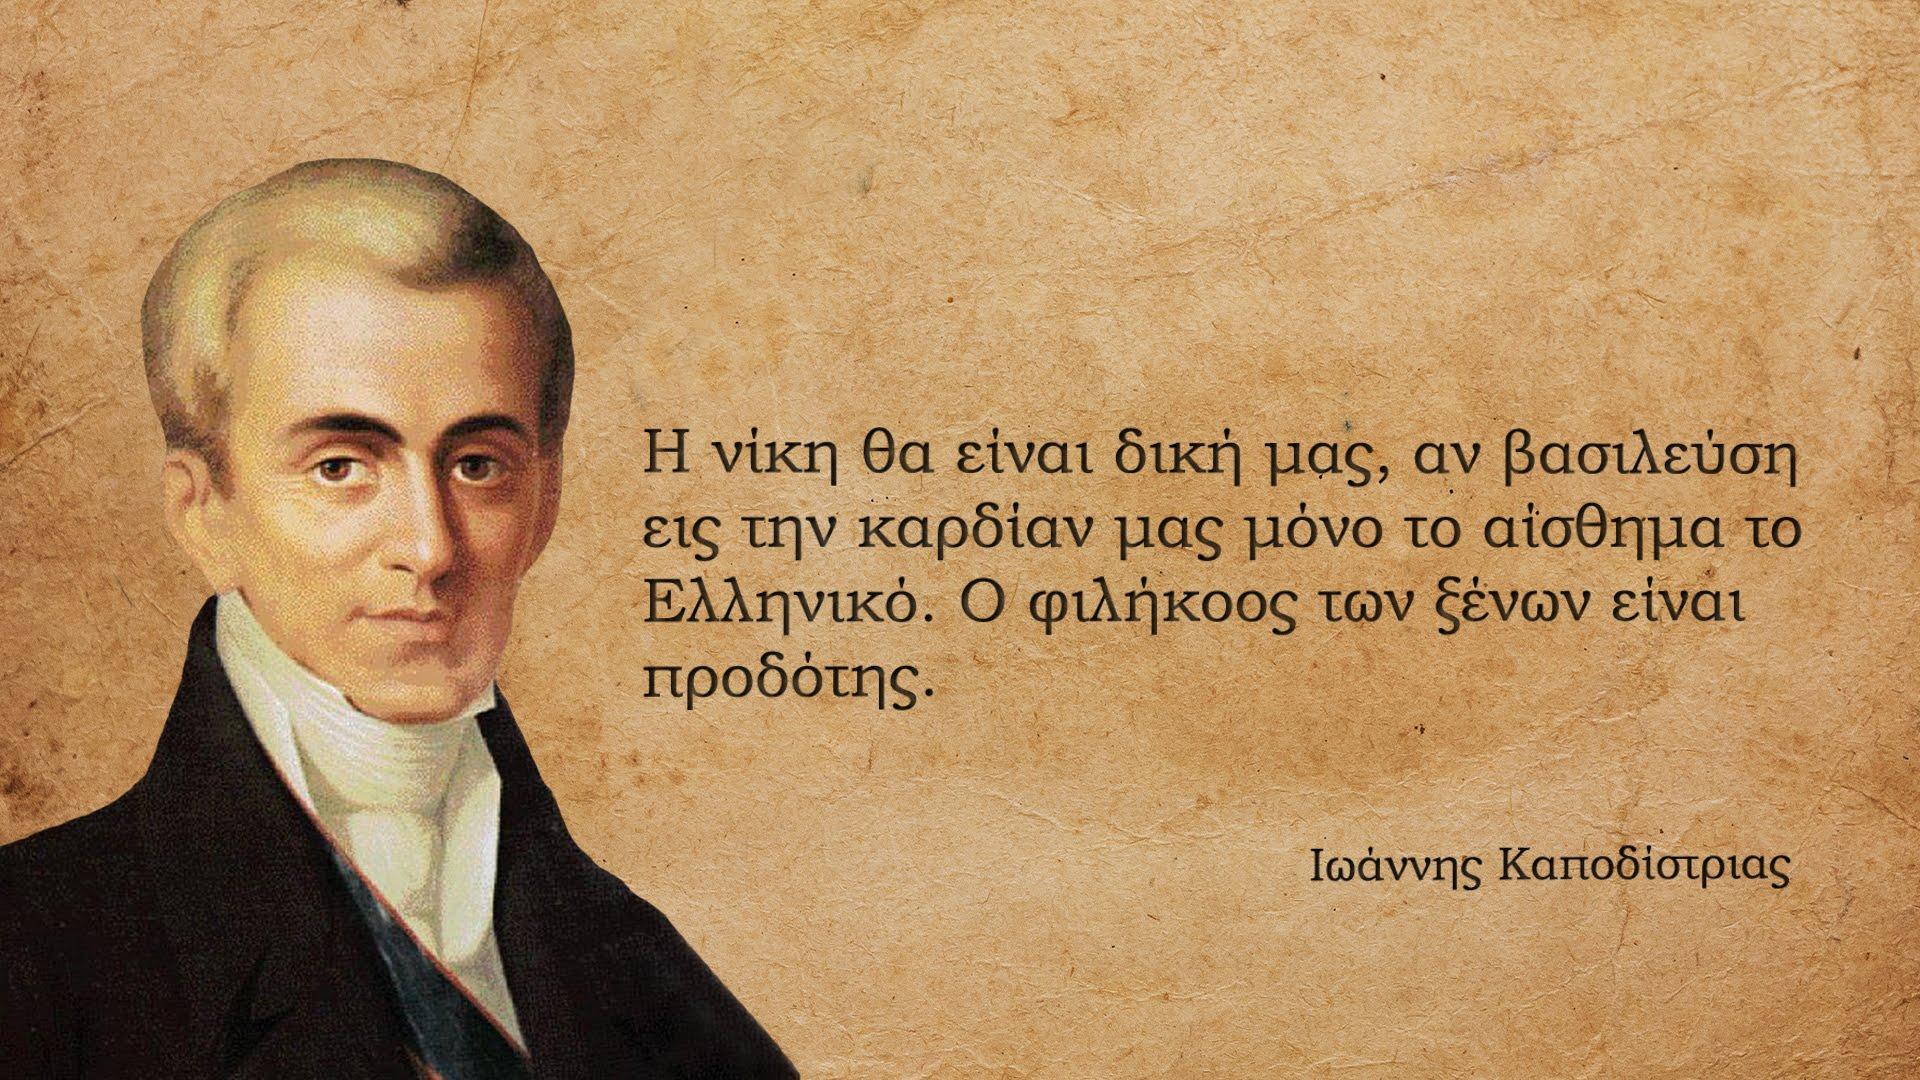 Ο Ιωάννης Καποδίστριας, μιλάει σ' όλους τους Έλληνες, σήμερα ...